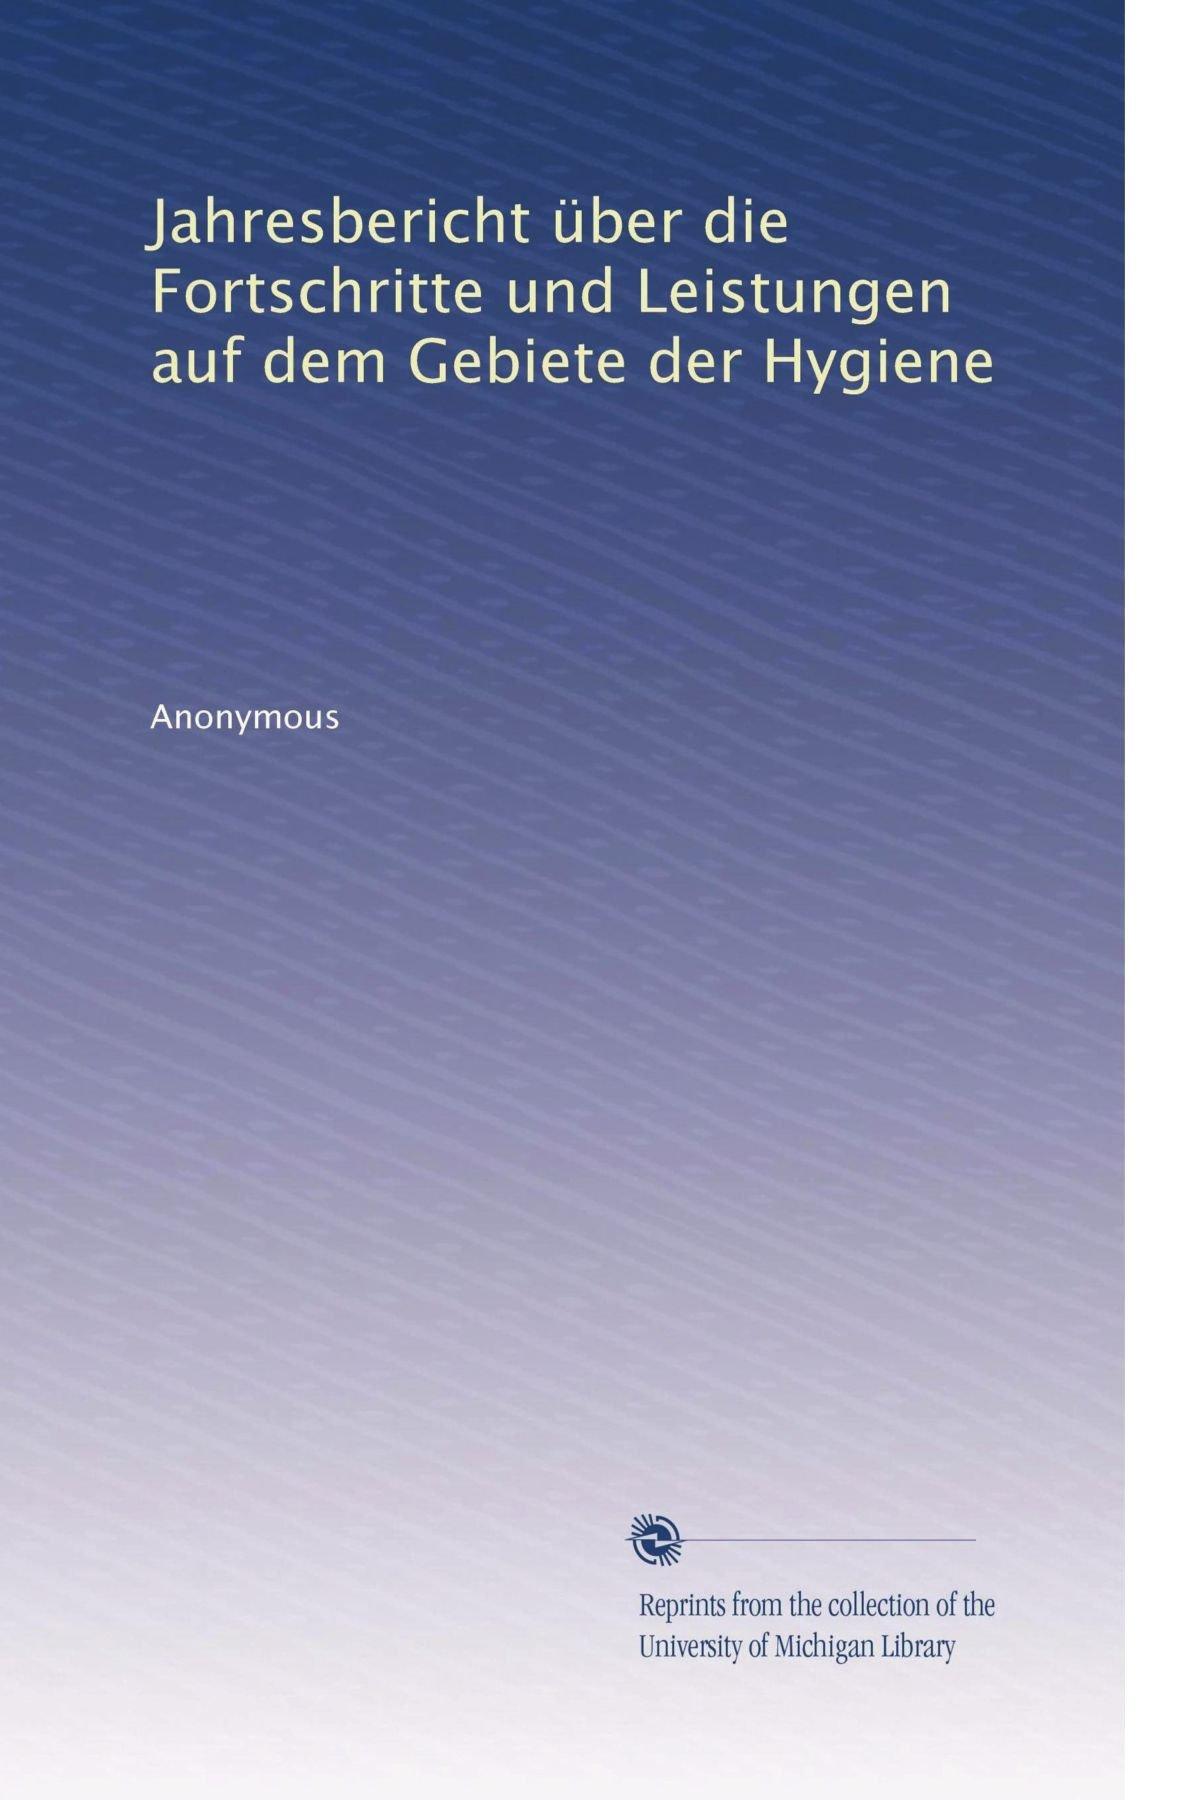 Jahresbericht über die Fortschritte und Leistungen auf dem Gebiete der Hygiene (Volume 5) (German Edition) ebook